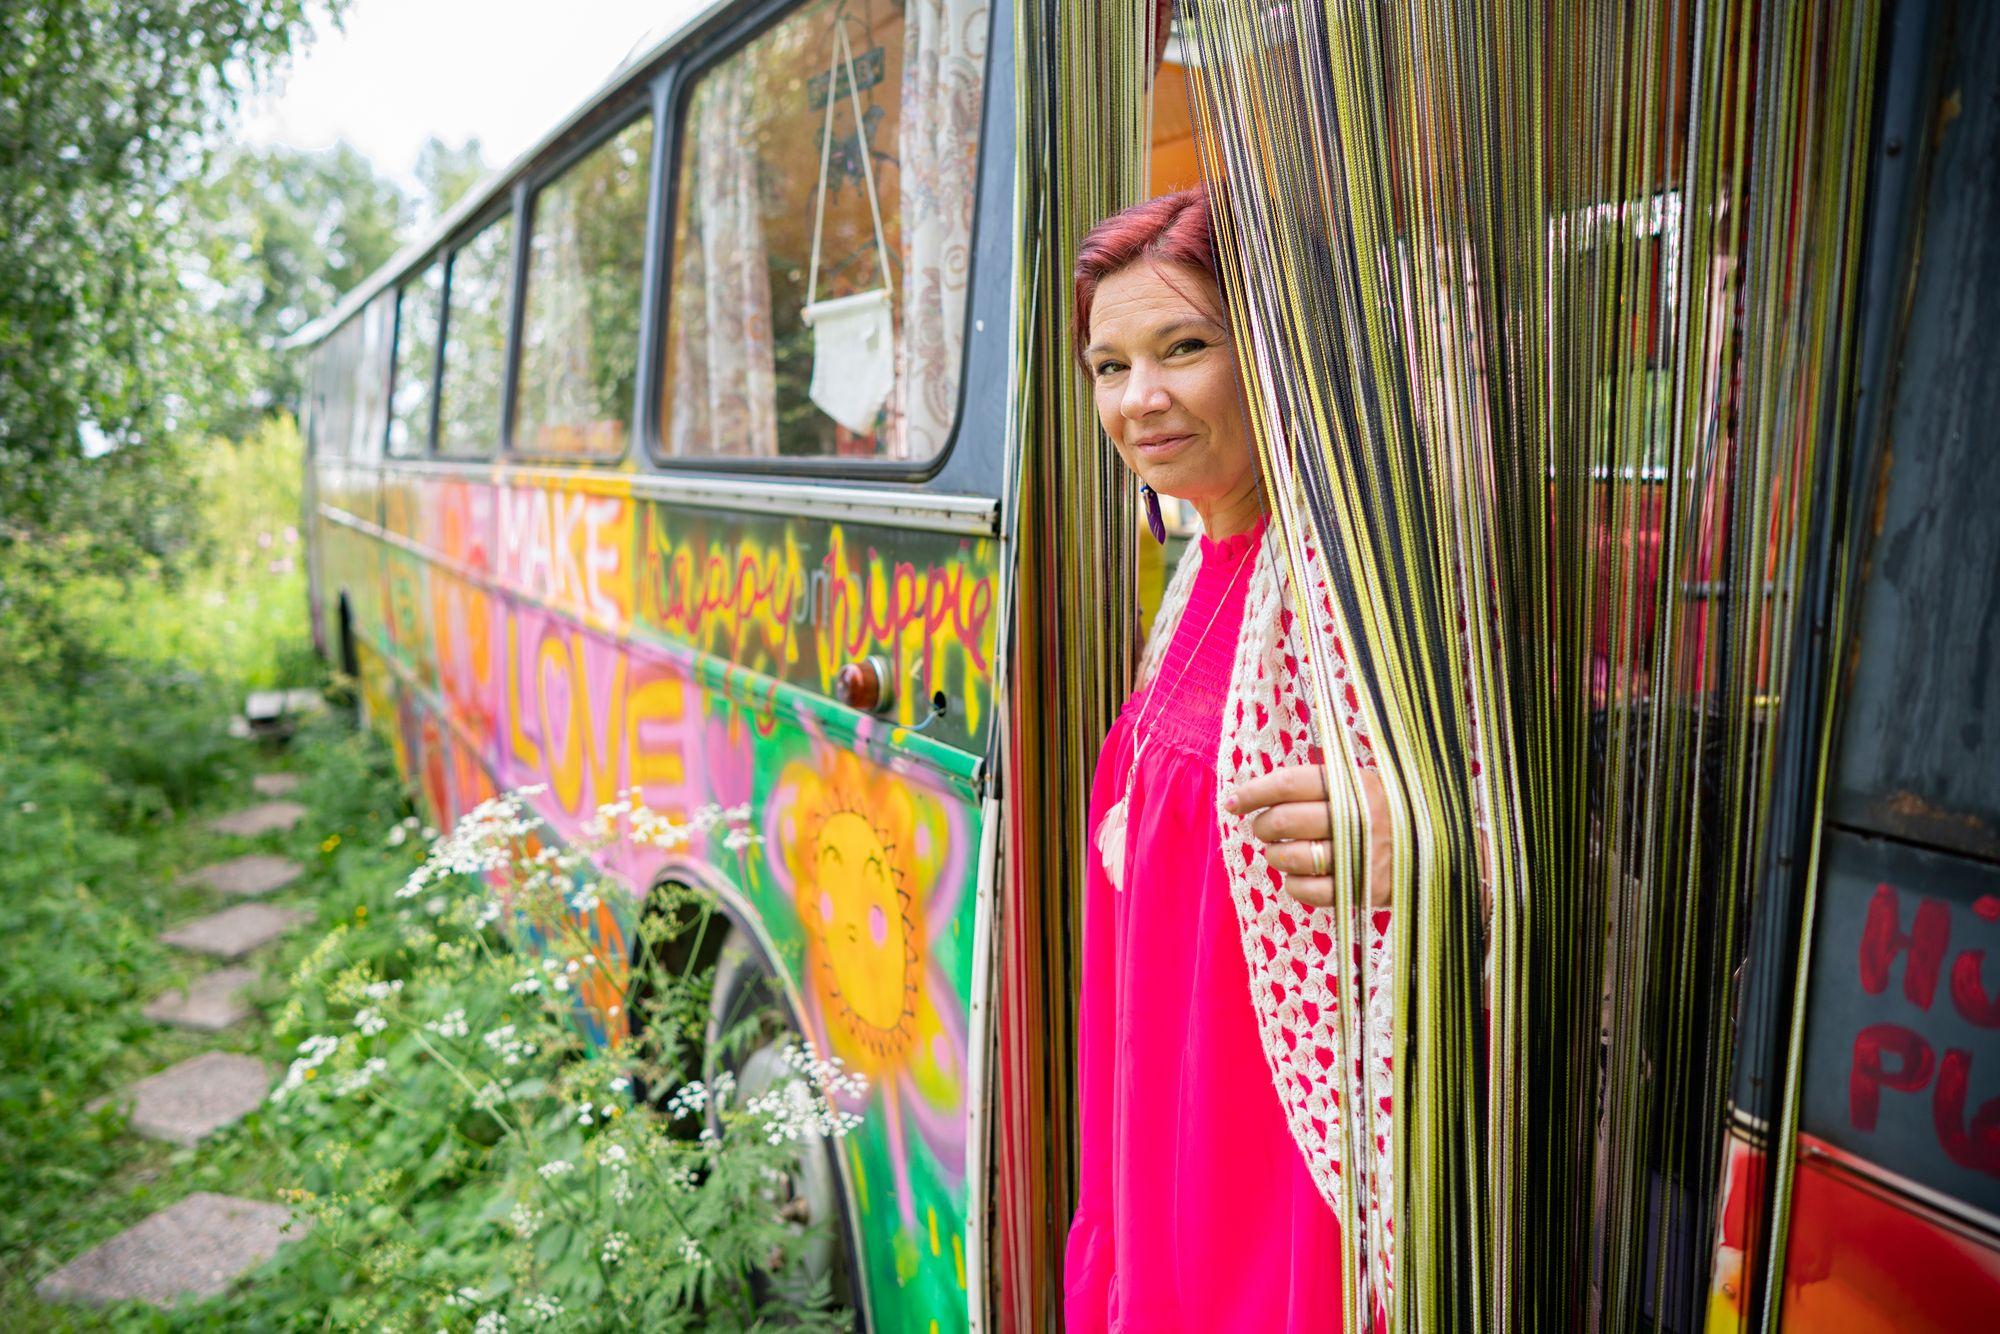 Hanna viettää bussissa kesäiltaisin paljon aikaa. Hän maalaa tauluja ja kuuntelee musiikkia. © Jyrki Nikkilä